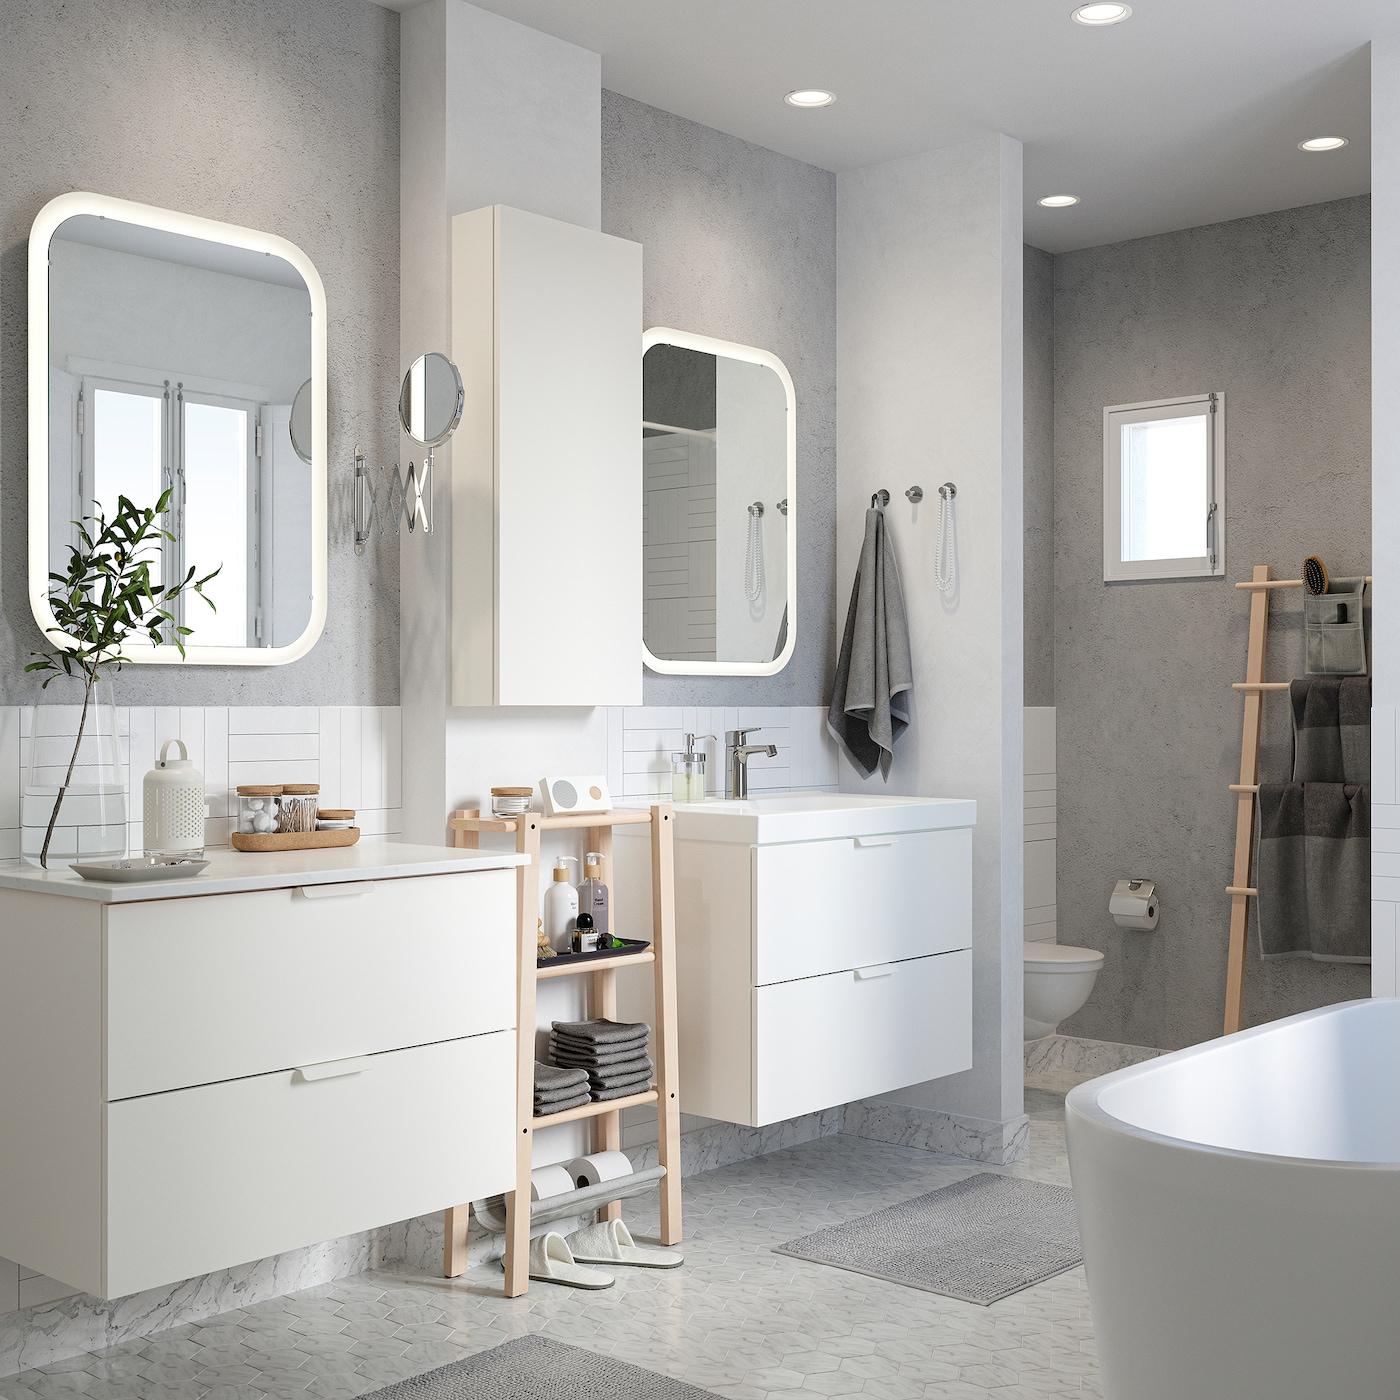 حمام أبيض جميل به وحدتين حوض غسل، ومرآتان مع إضاءة مدمجة ودعاسات حمام ومناشف رمادي.